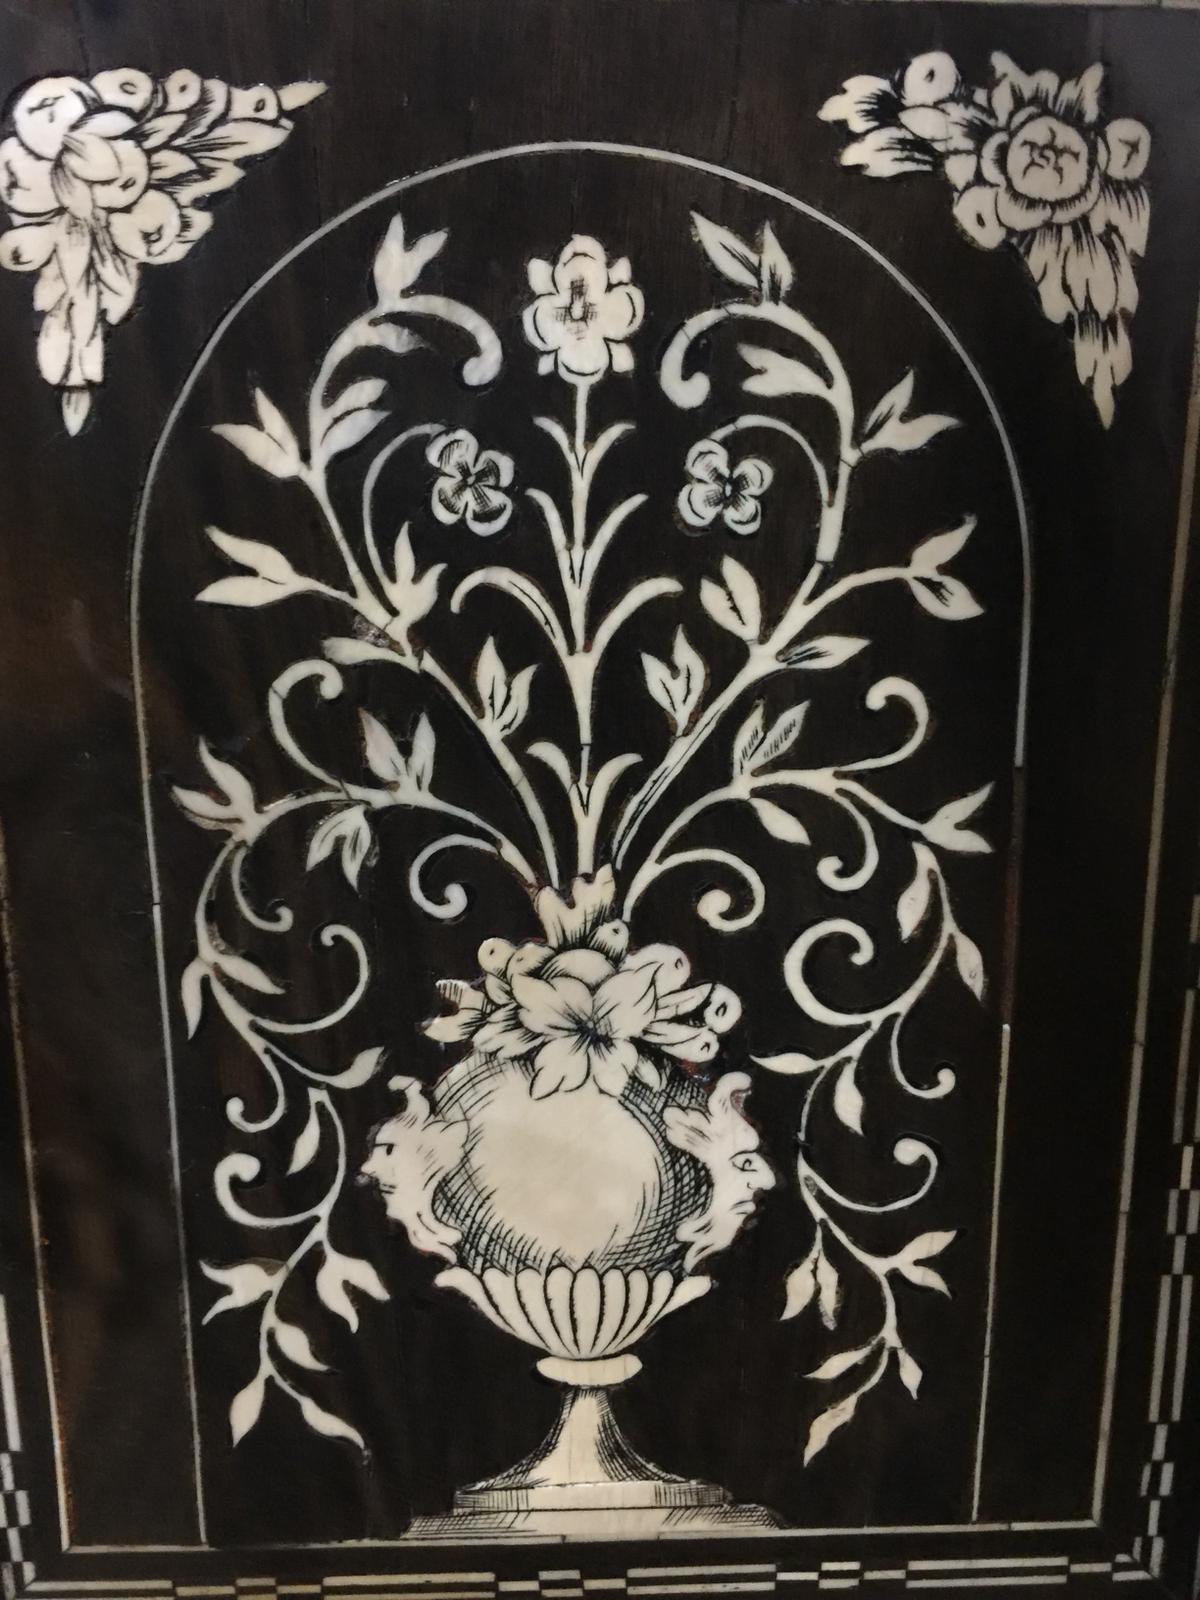 thumb5|Monetiere in ebano violetto e palissandro con intarsi in avorio